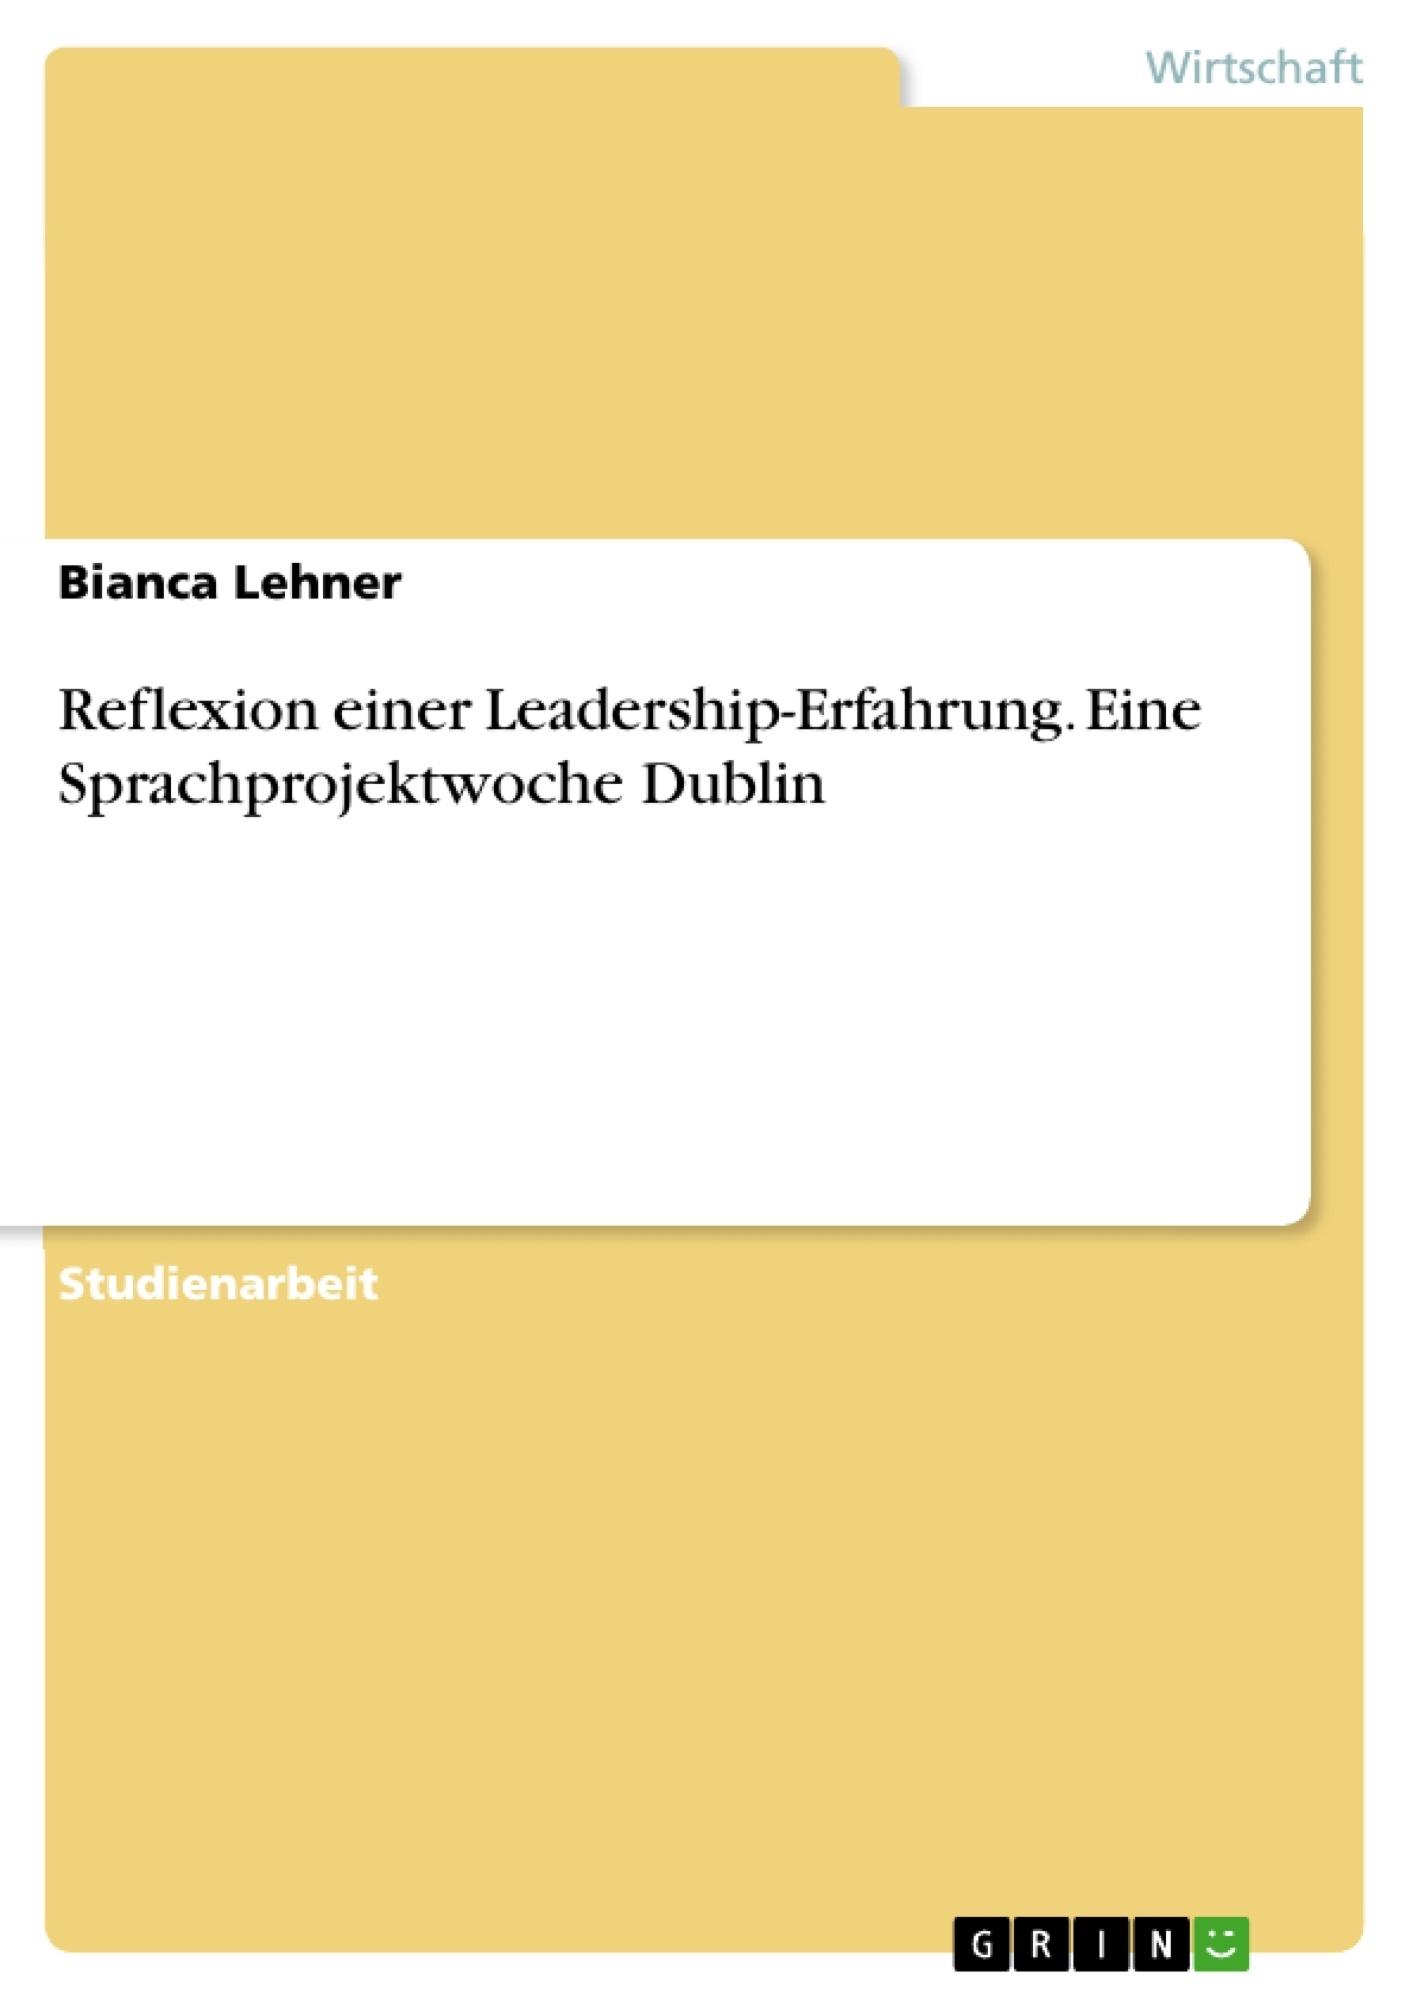 Titel: Reflexion einer Leadership-Erfahrung. Eine Sprachprojektwoche Dublin